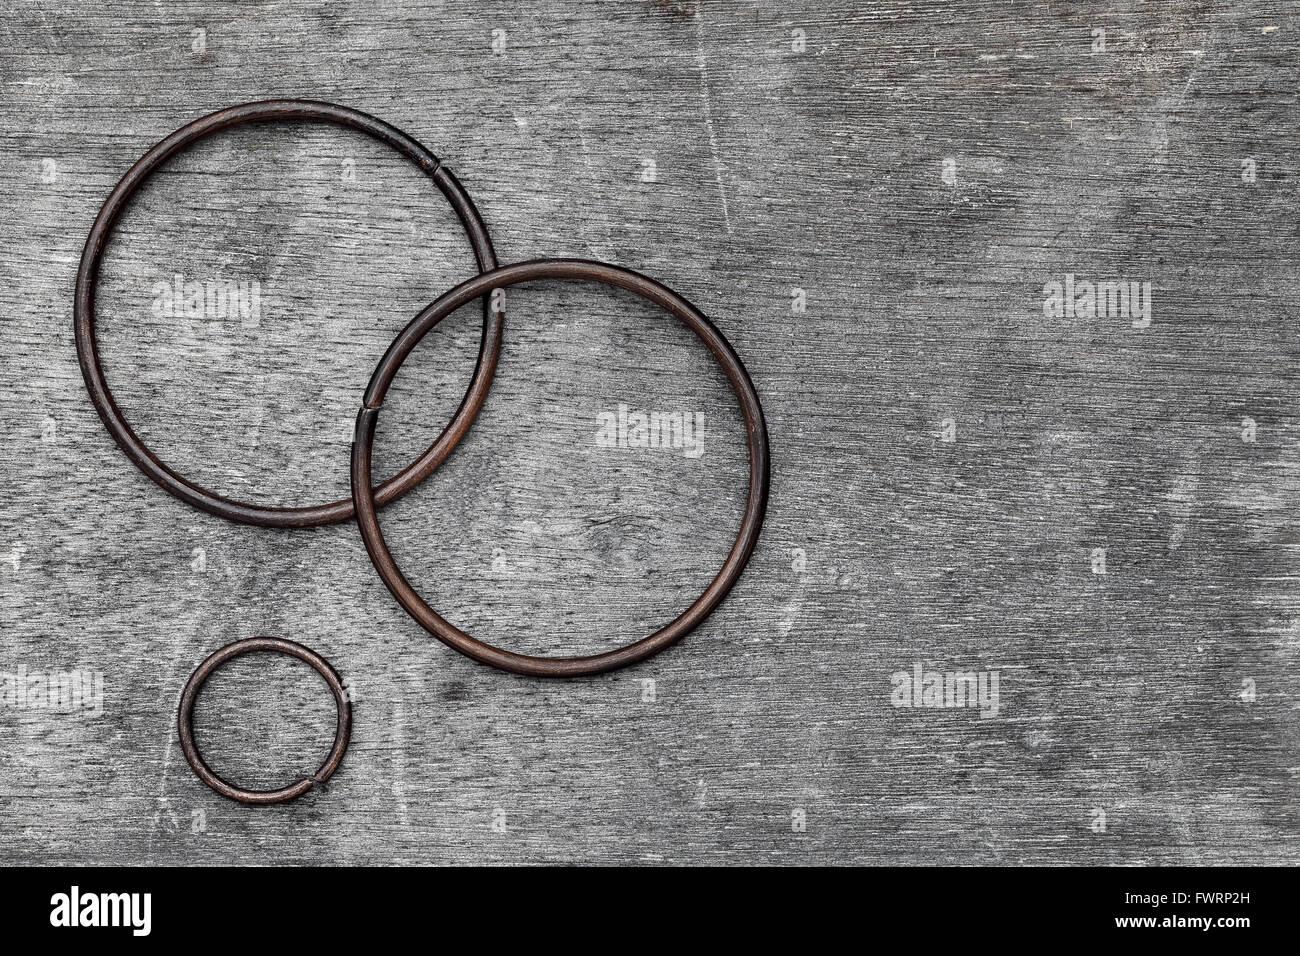 iron ring on old wood, grunge background Stock Photo